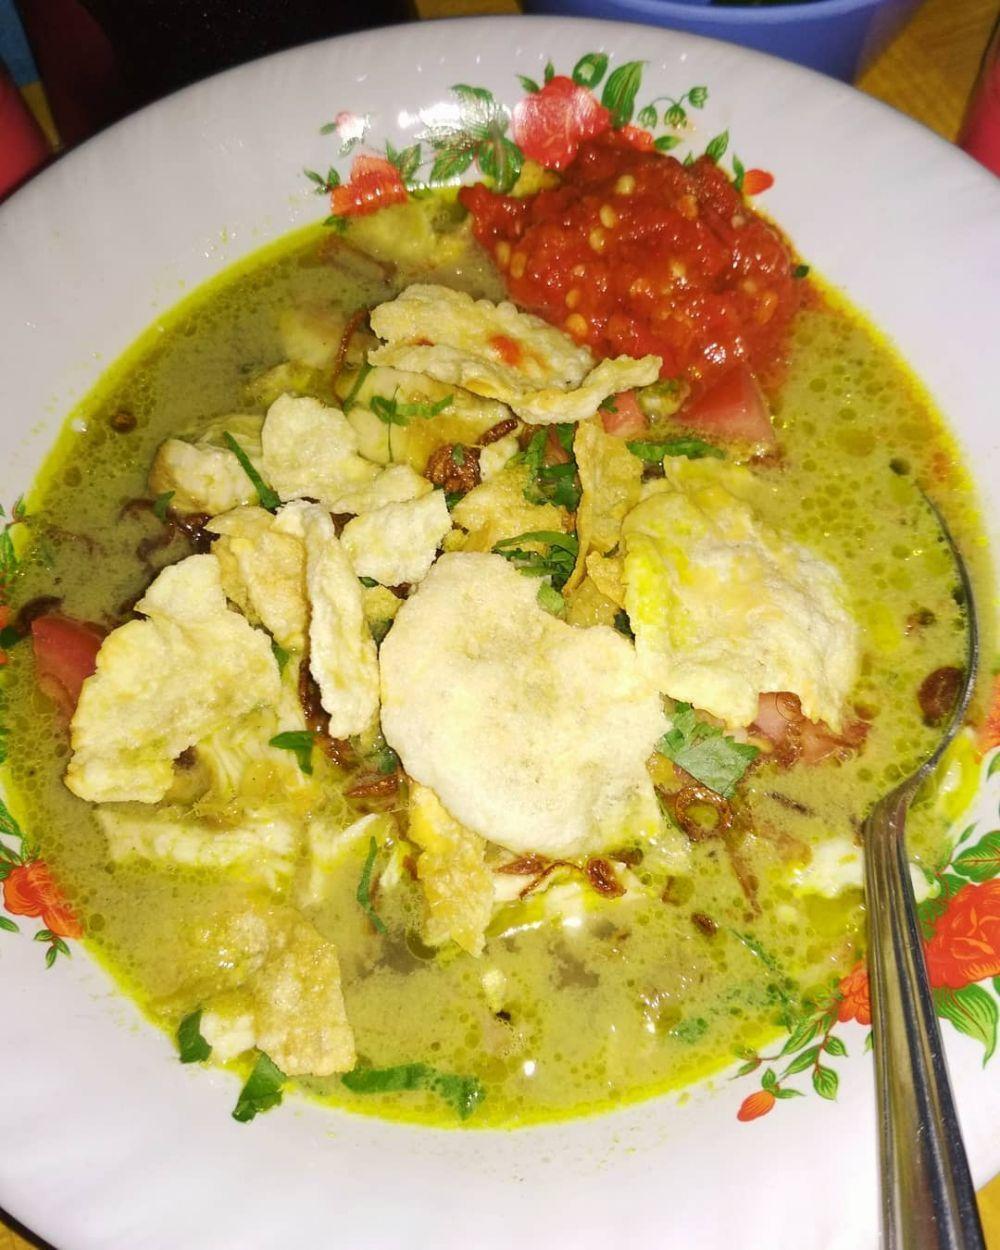 Resep Soto Ayam Santan Instagram Di 2020 Resep Masakan Asia Resep Masakan Makanan Dan Minuman